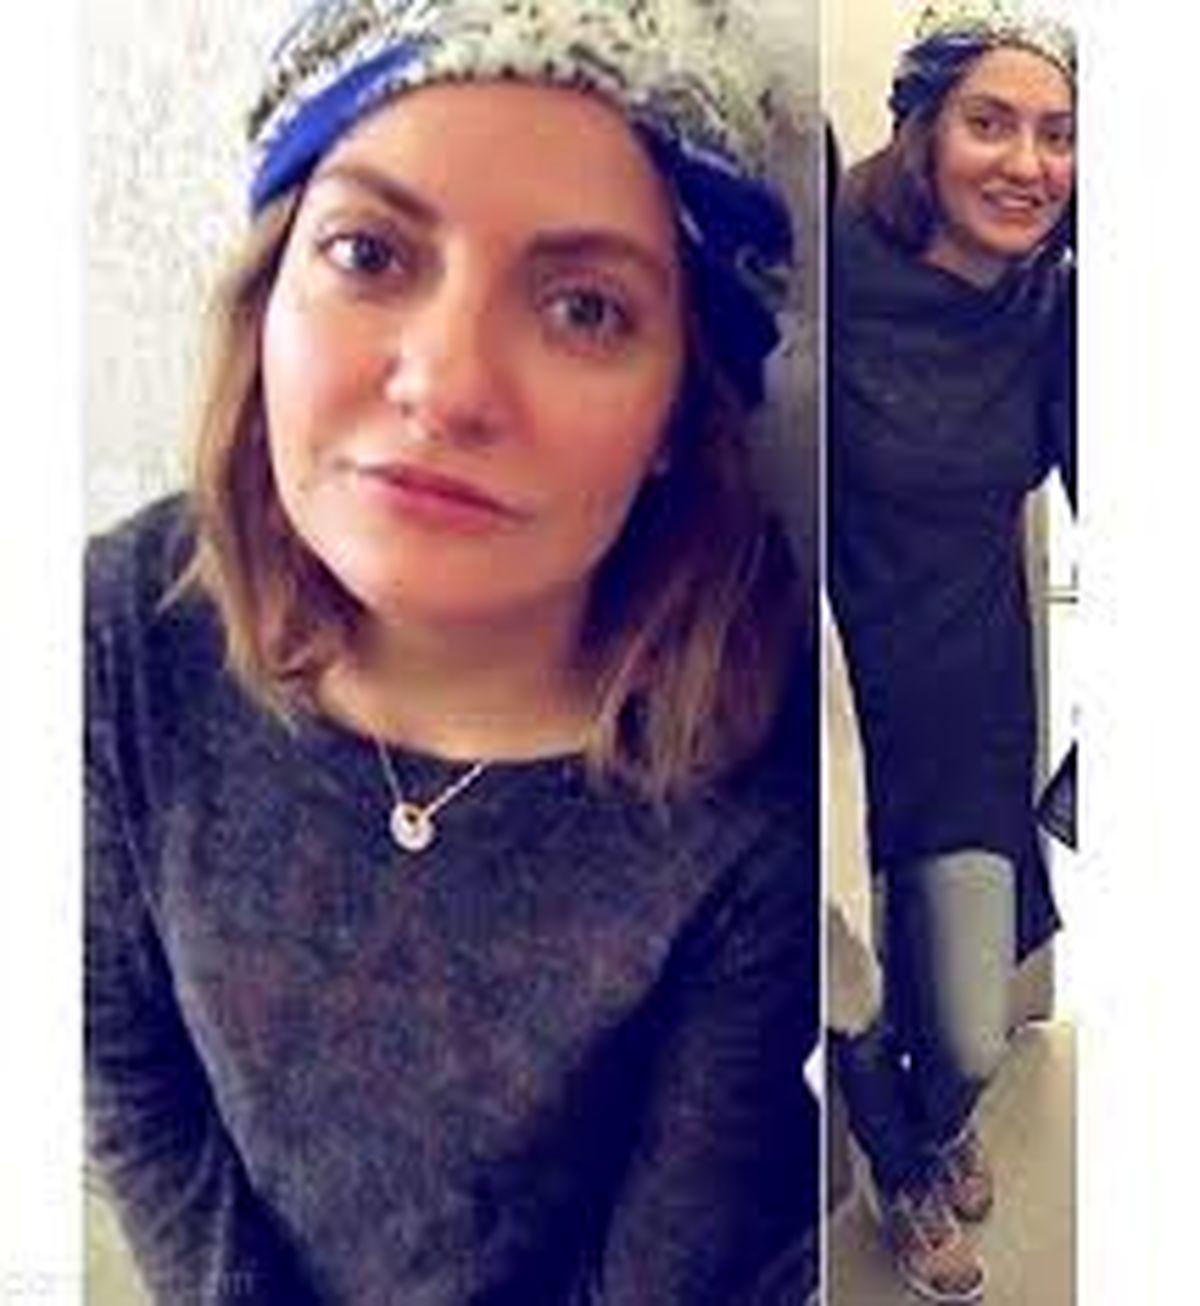 ویدیوی لورفته از مهناز افشار روی صحنه در کنسرت گوگوش + فیلم و عکس